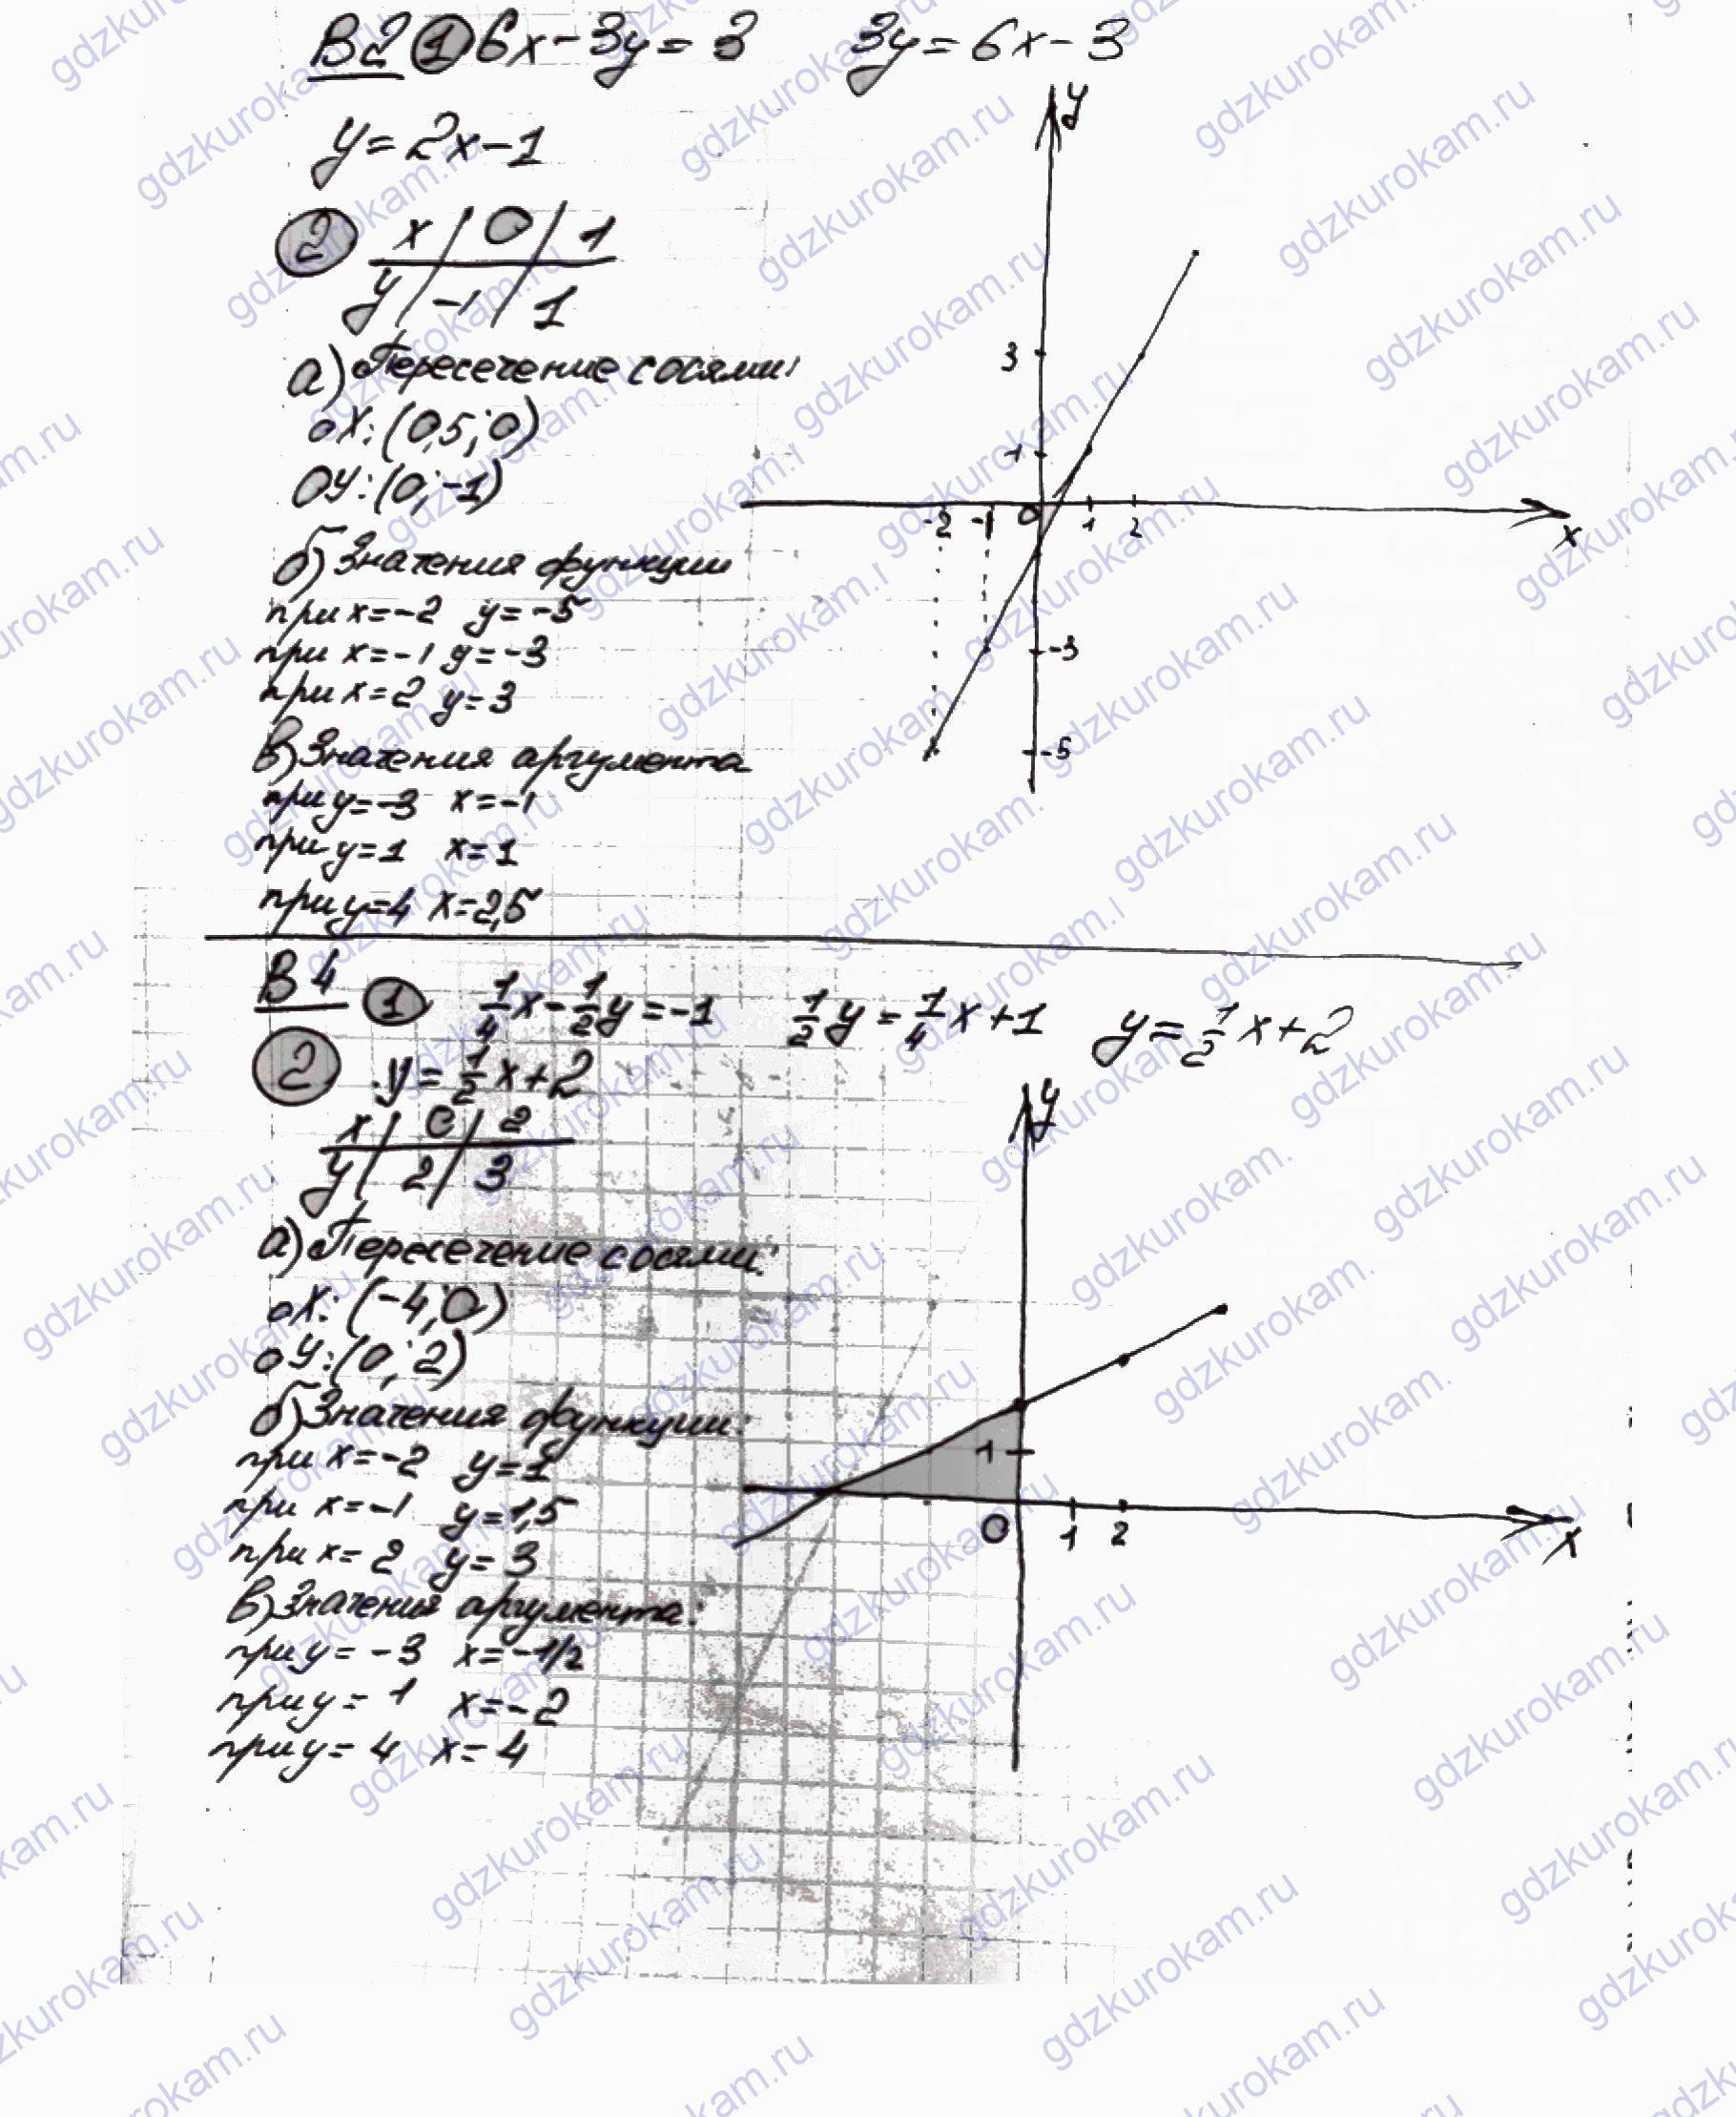 Решебник для контурной карты по географии 6 класс галай гавриленко